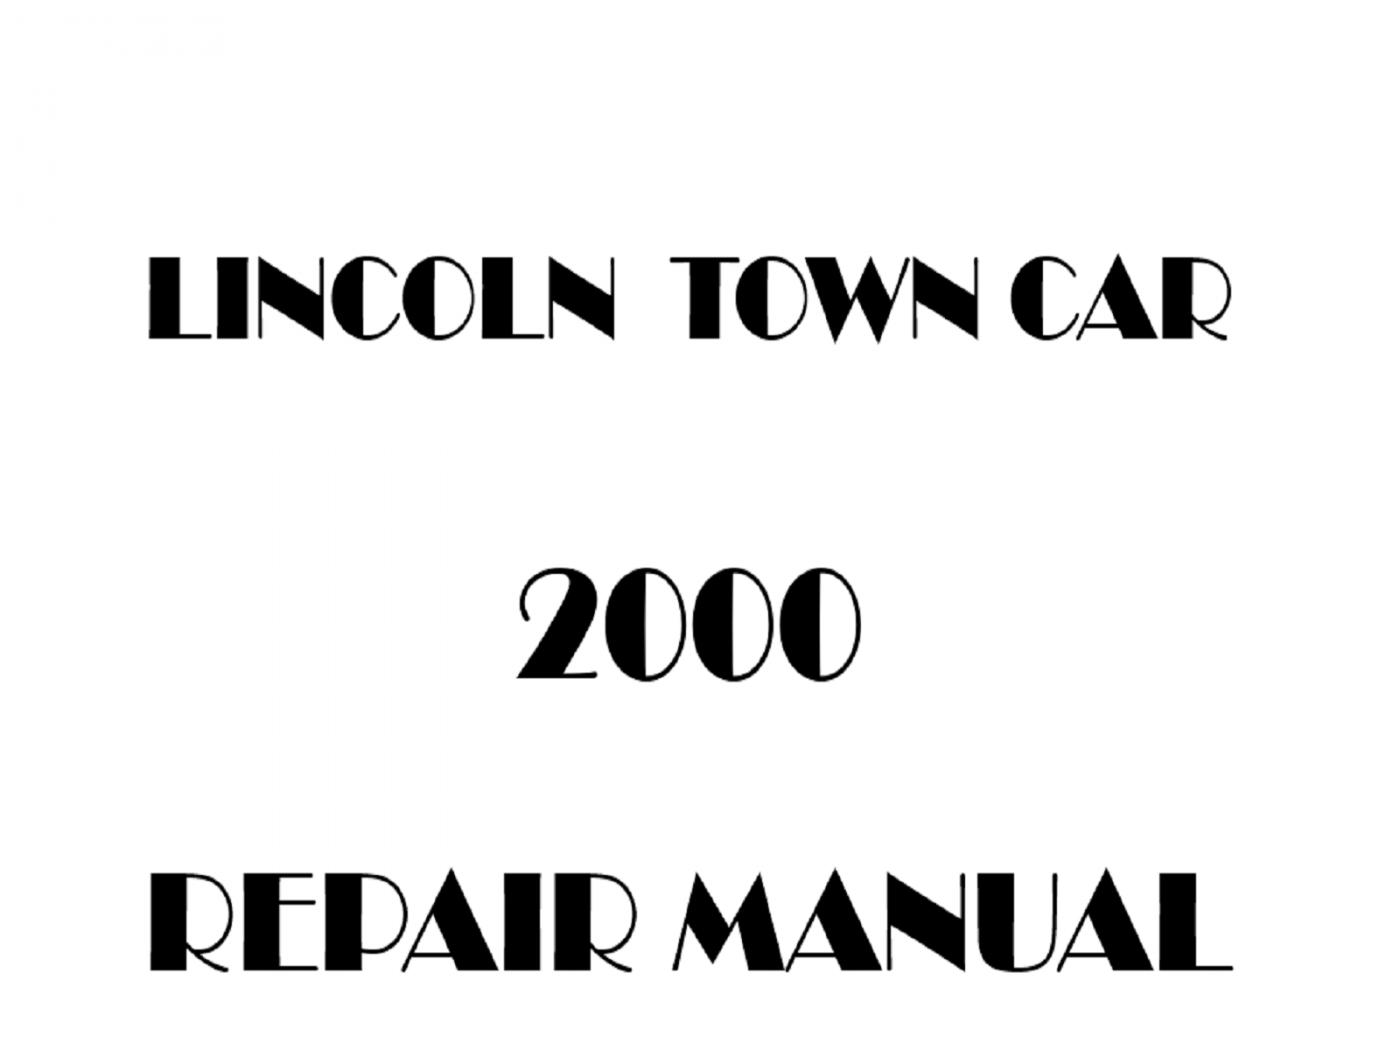 2000 Lincoln Town Car repair manual